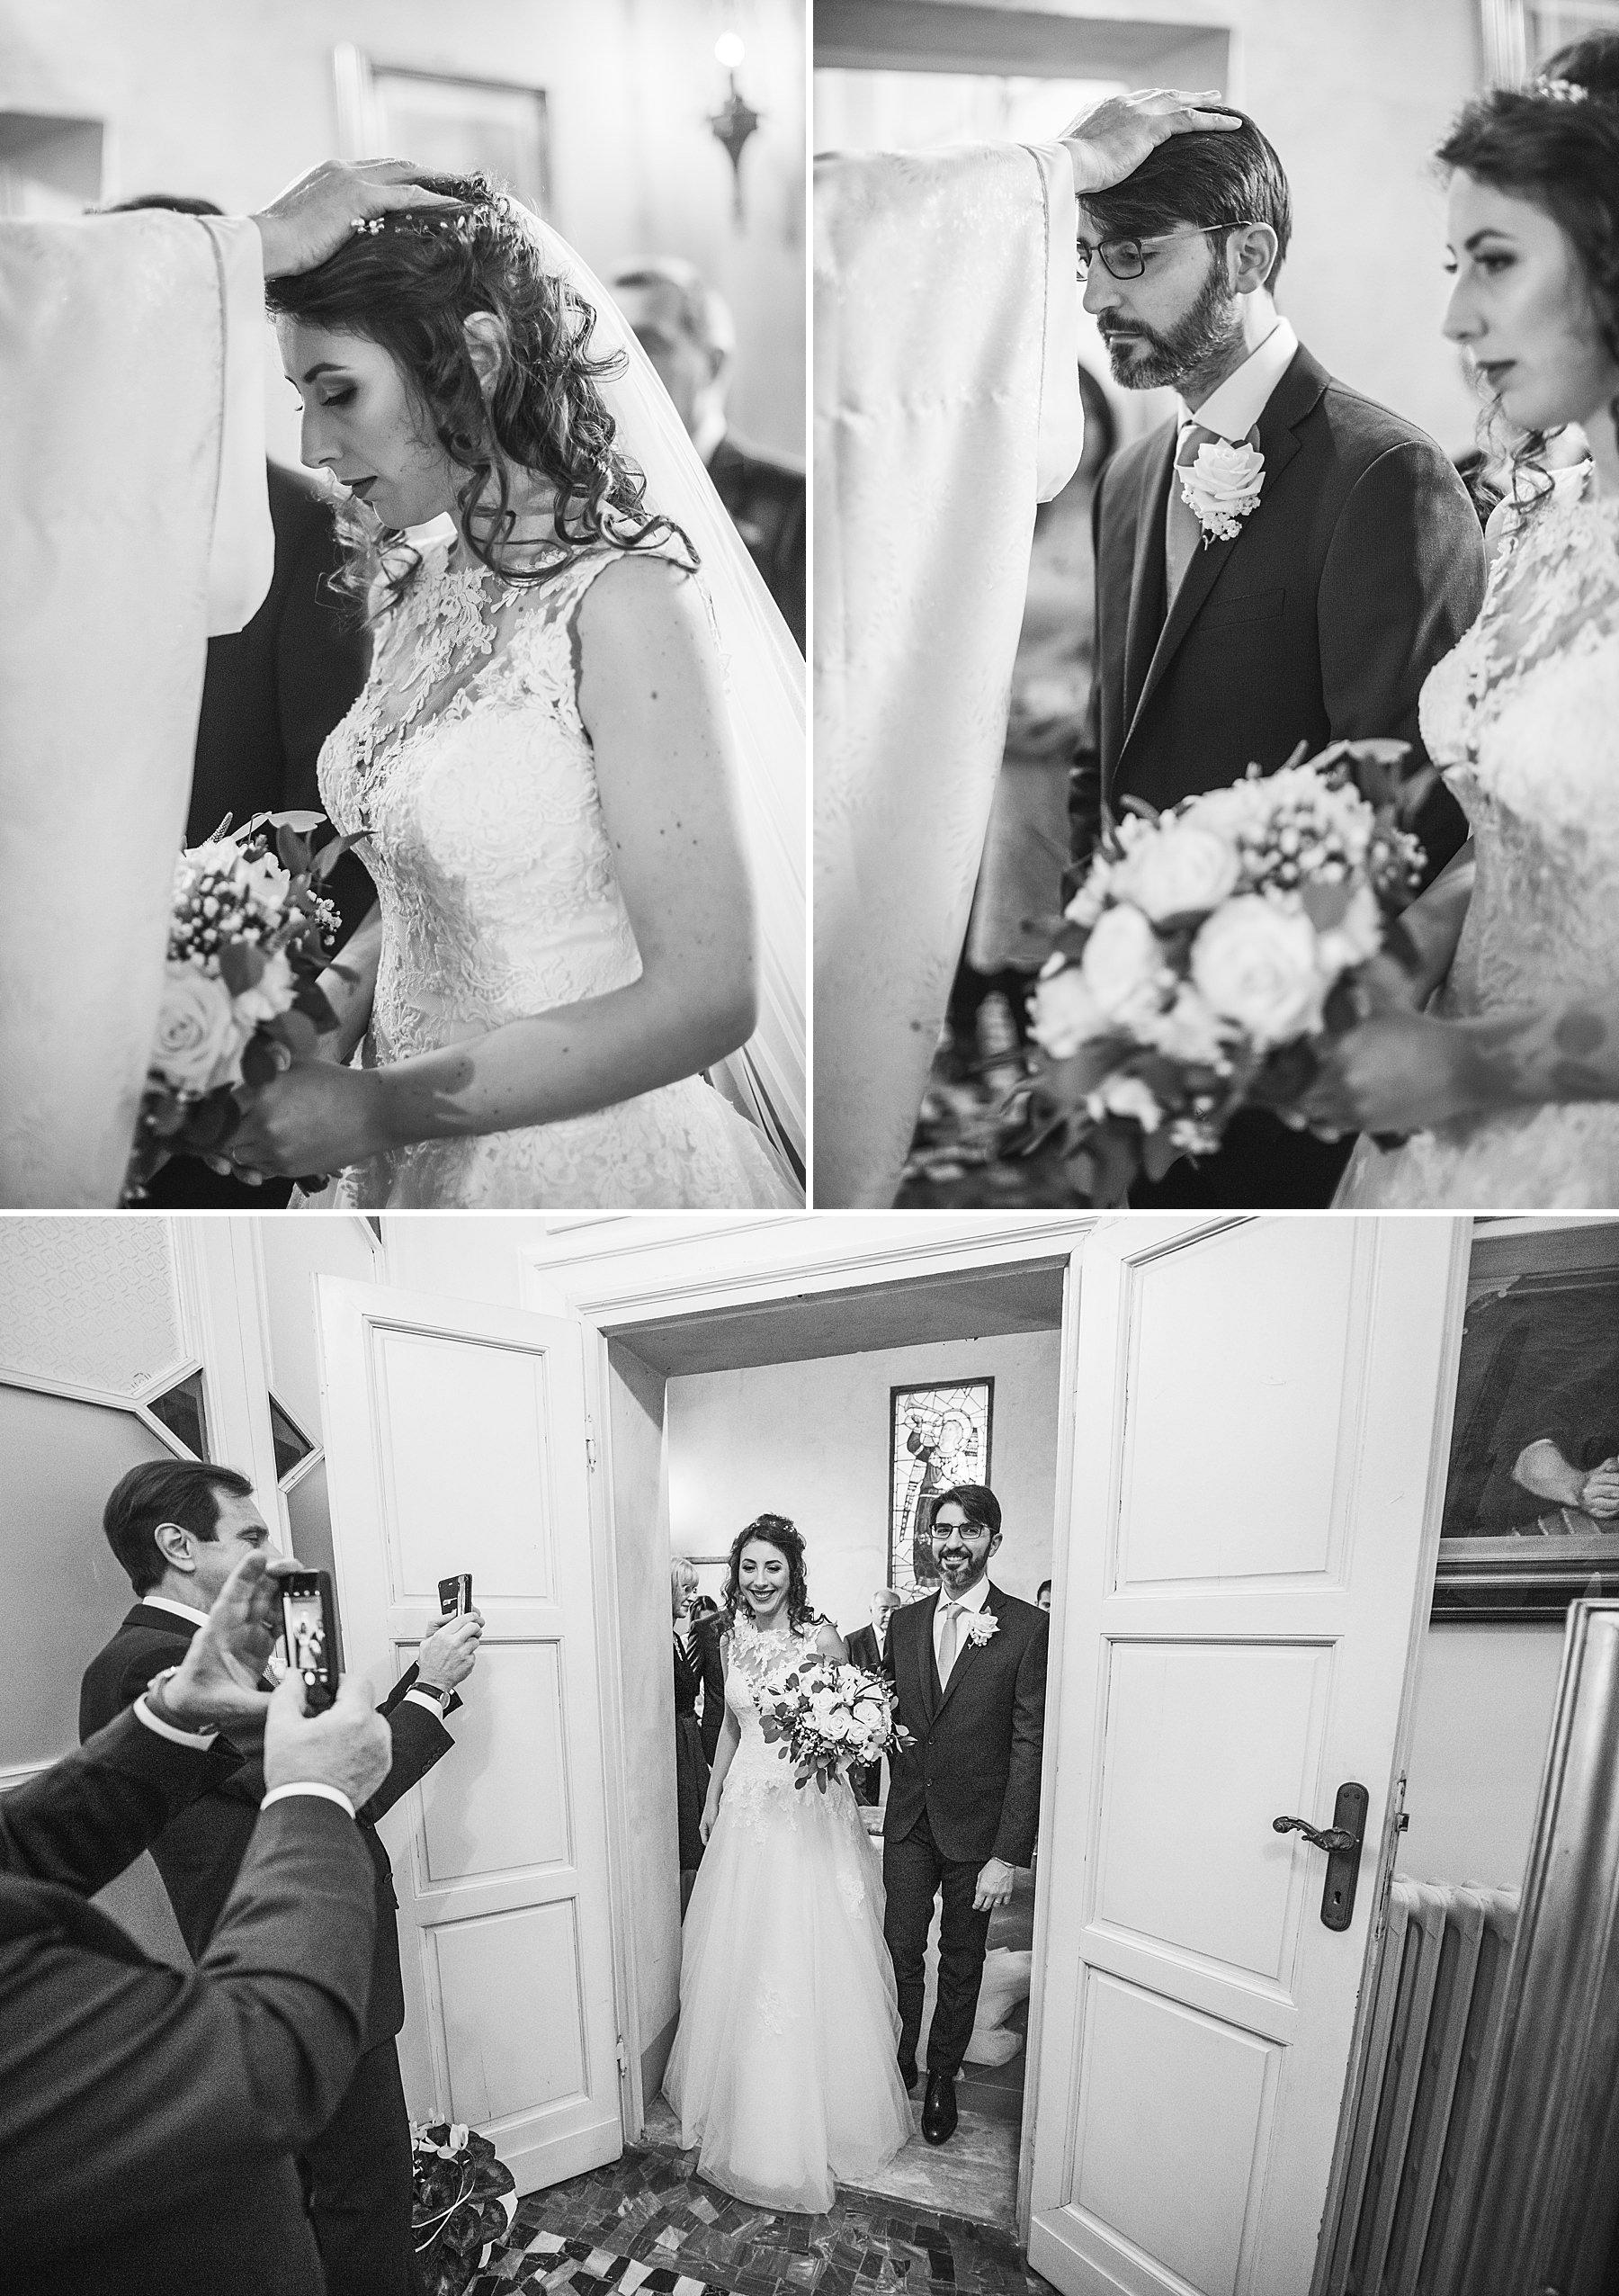 fotografia di matrimonio a firenze in inverno 744